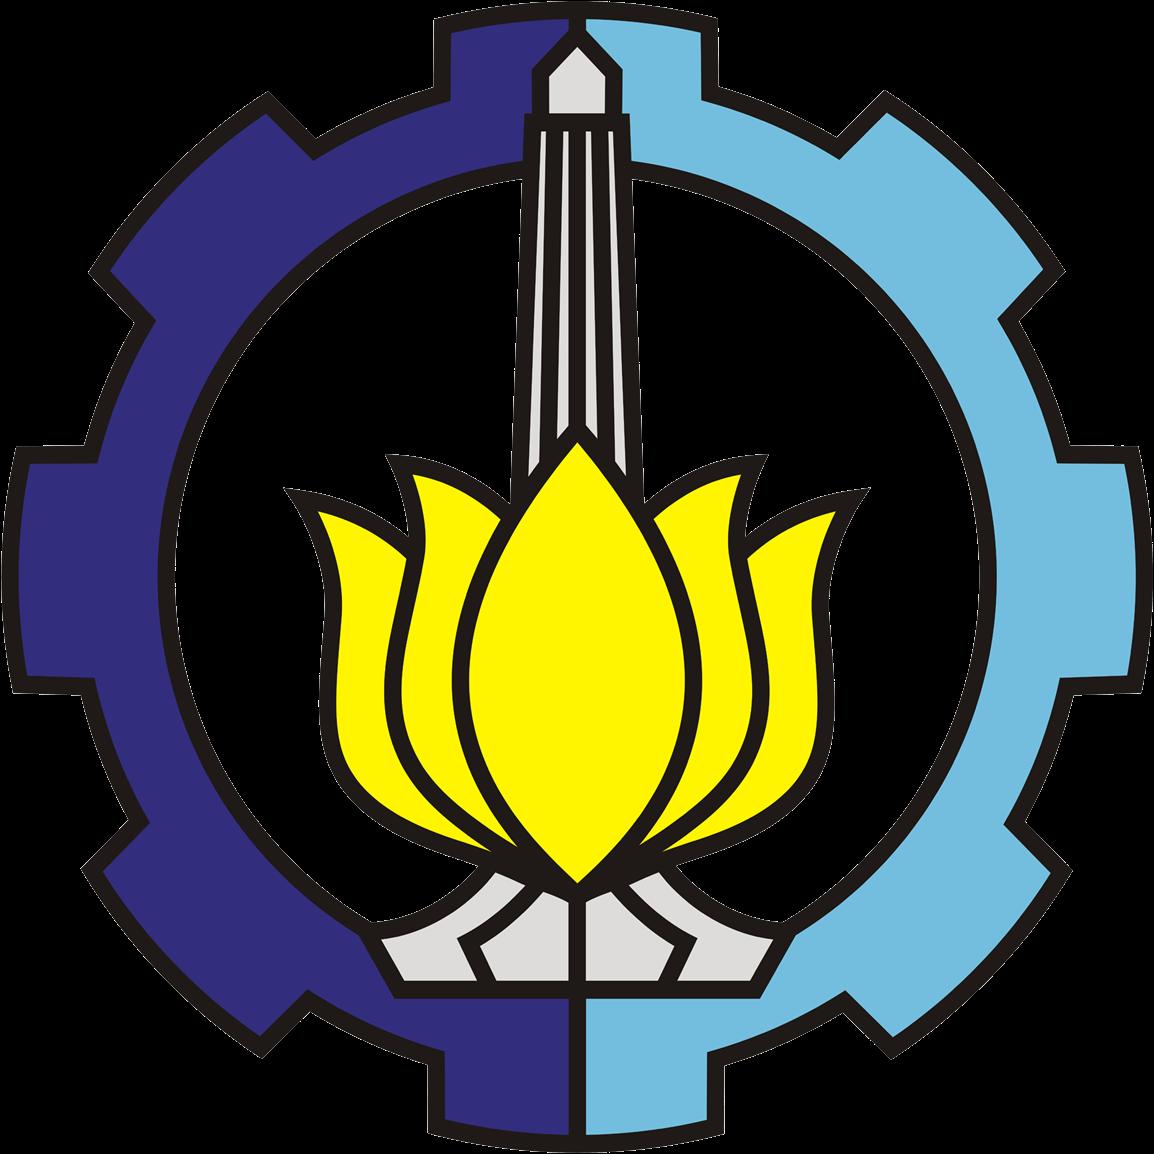 logo%2Bits